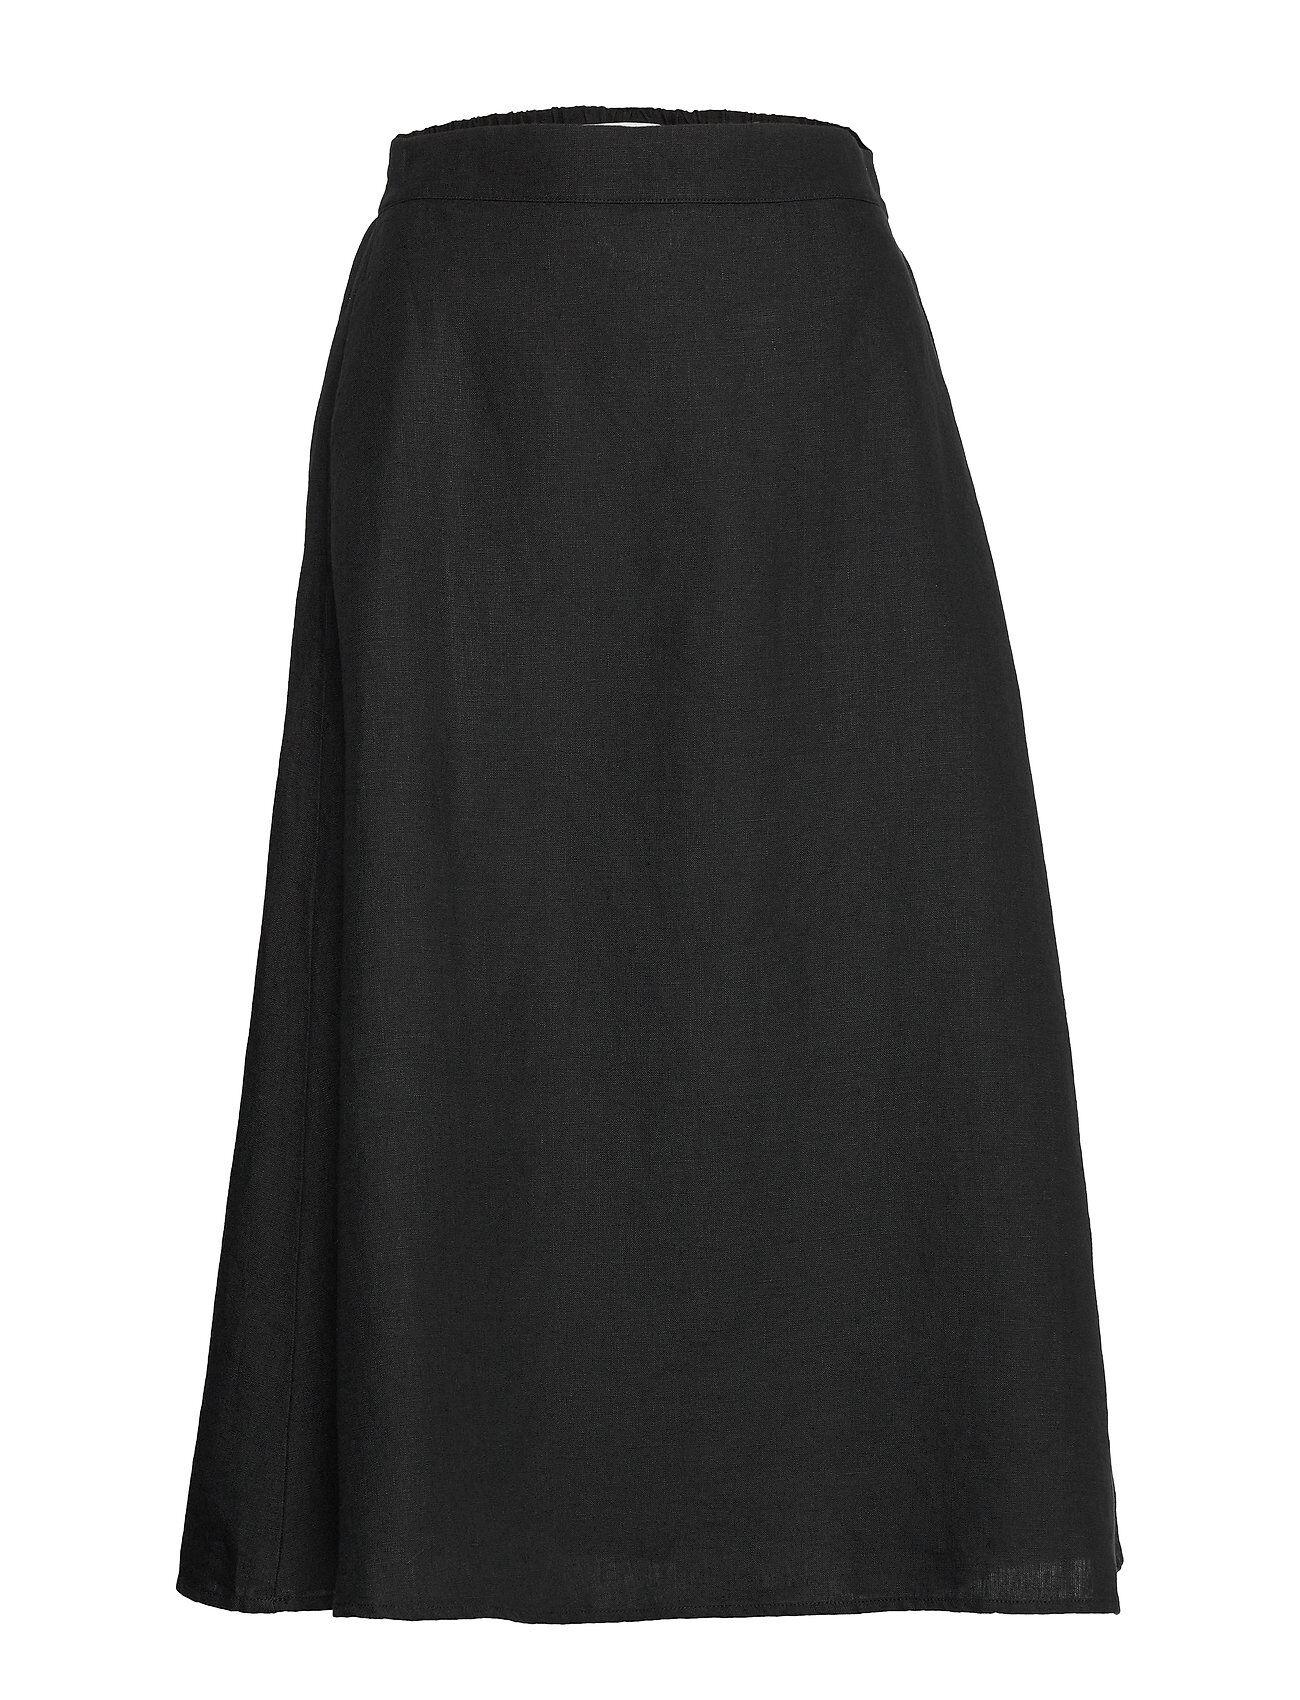 Marimekko Suoda Solid Skirt Polvipituinen Hame Musta Marimekko